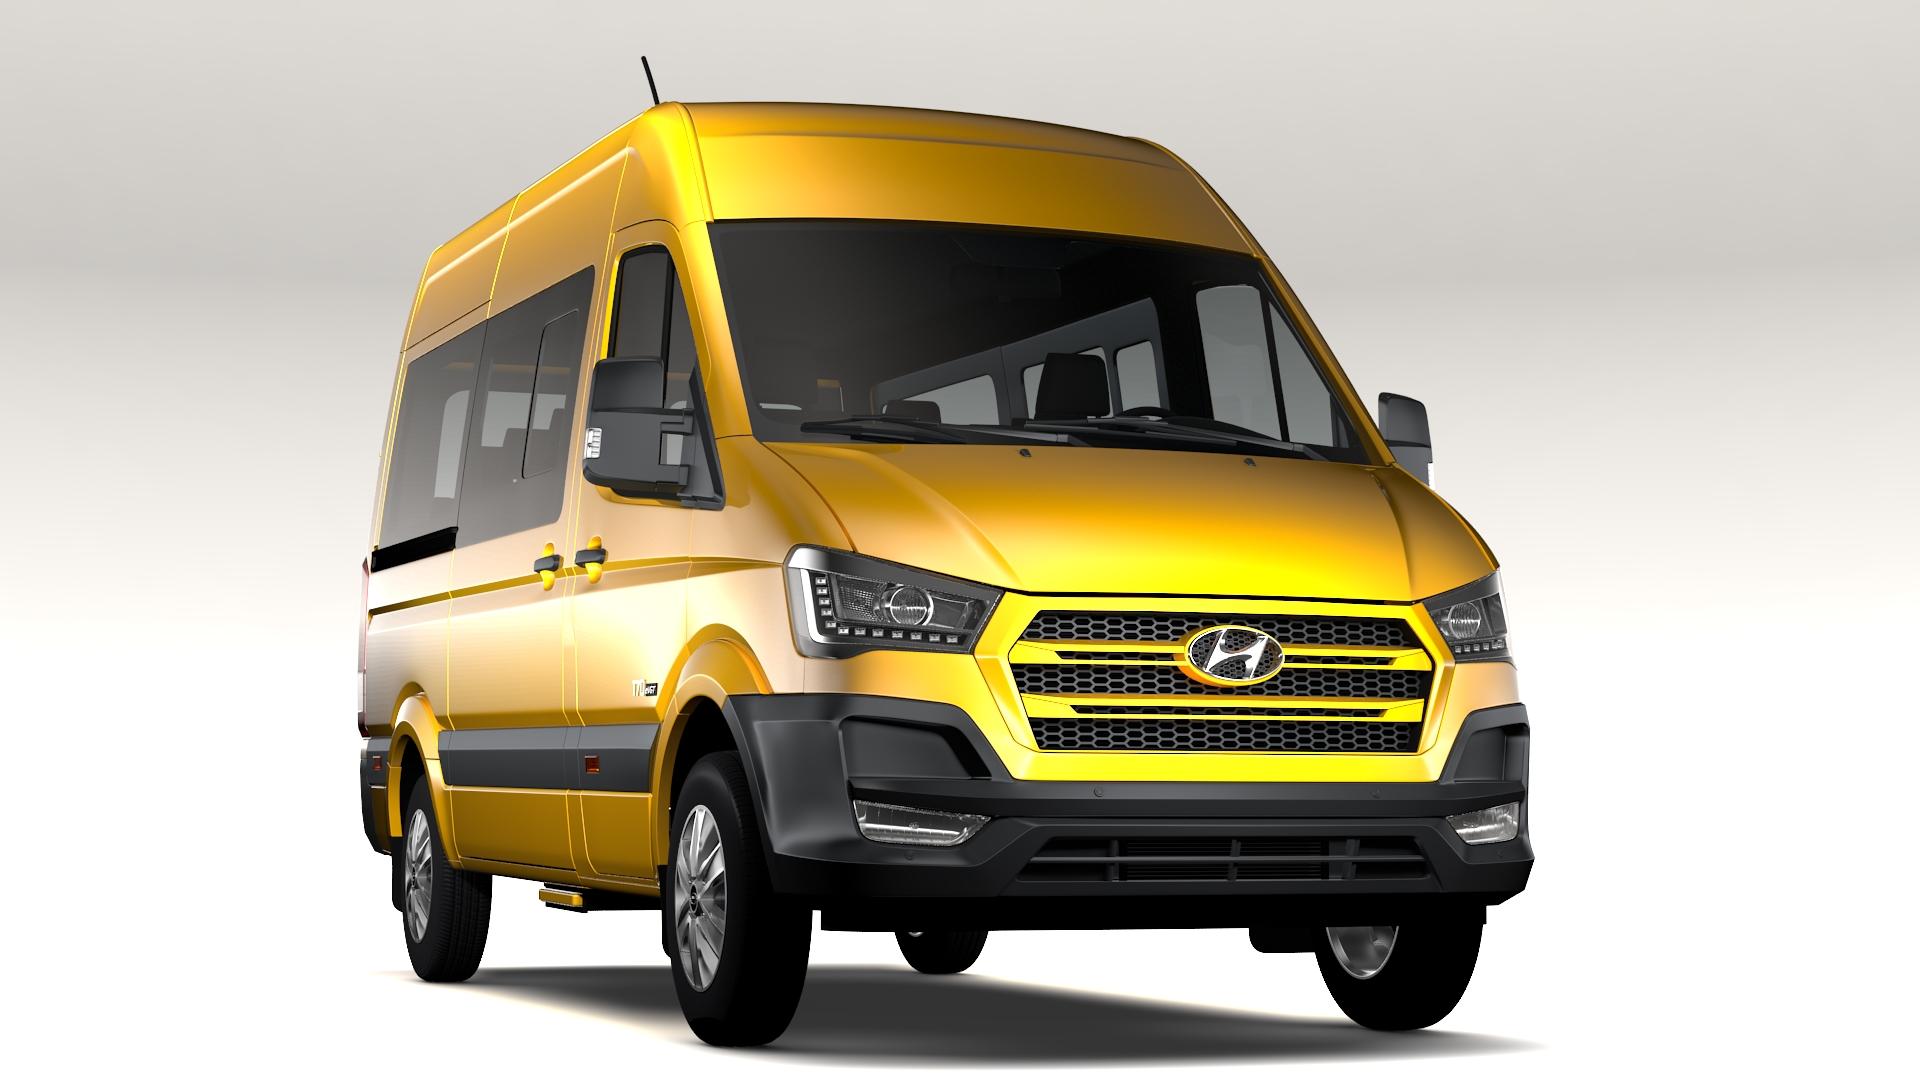 hyundai h350 minibus swb 2017 3d model 3ds max fbx c4d lwo ma mb hrc xsi obj 224188